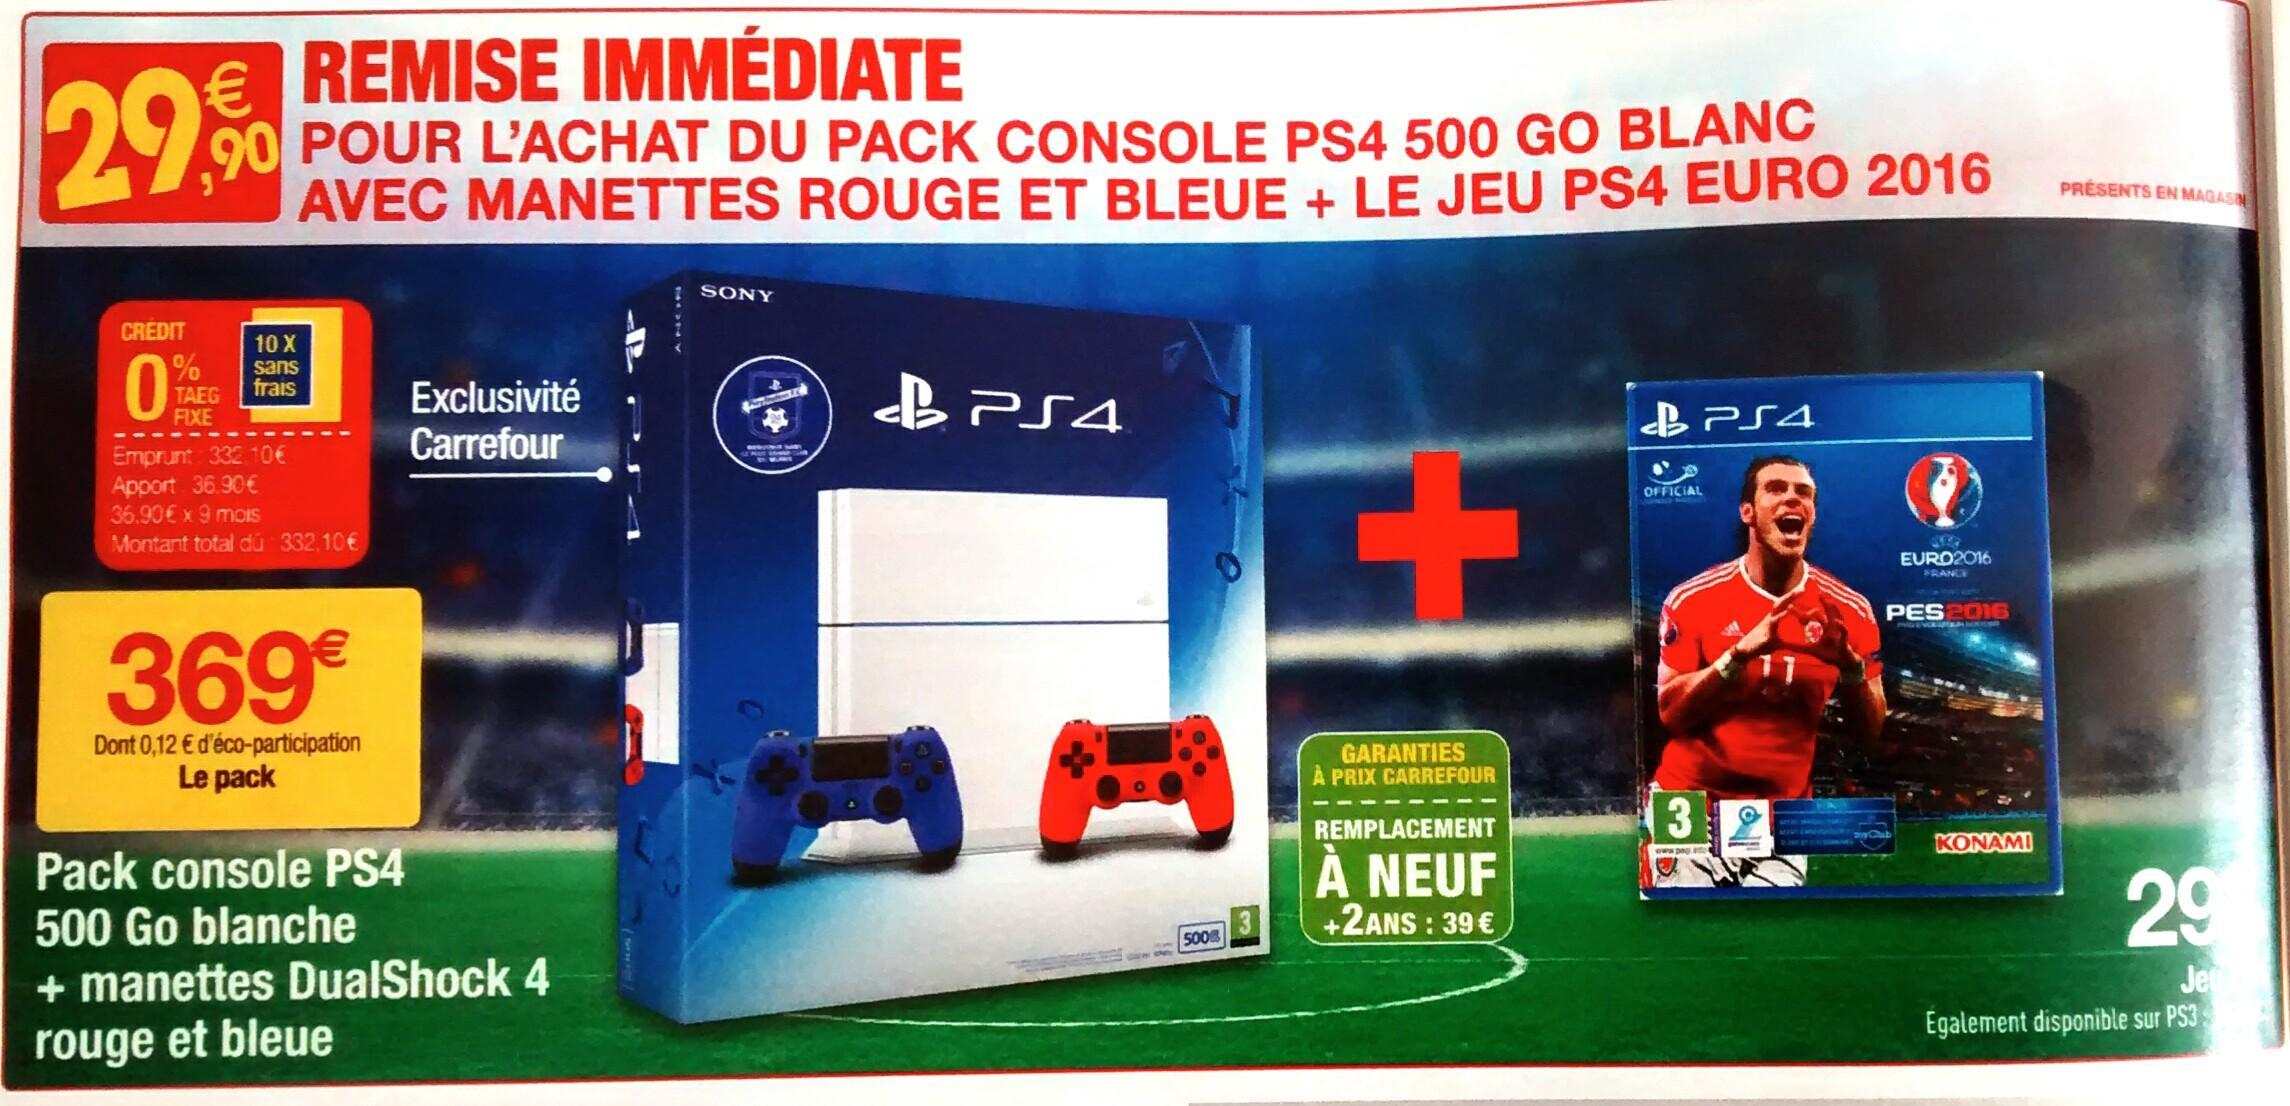 Pack Console PS4 500Go Blanche + 2 manettes Dualshock4 (Bleue et rouge) + PES Euro 2016